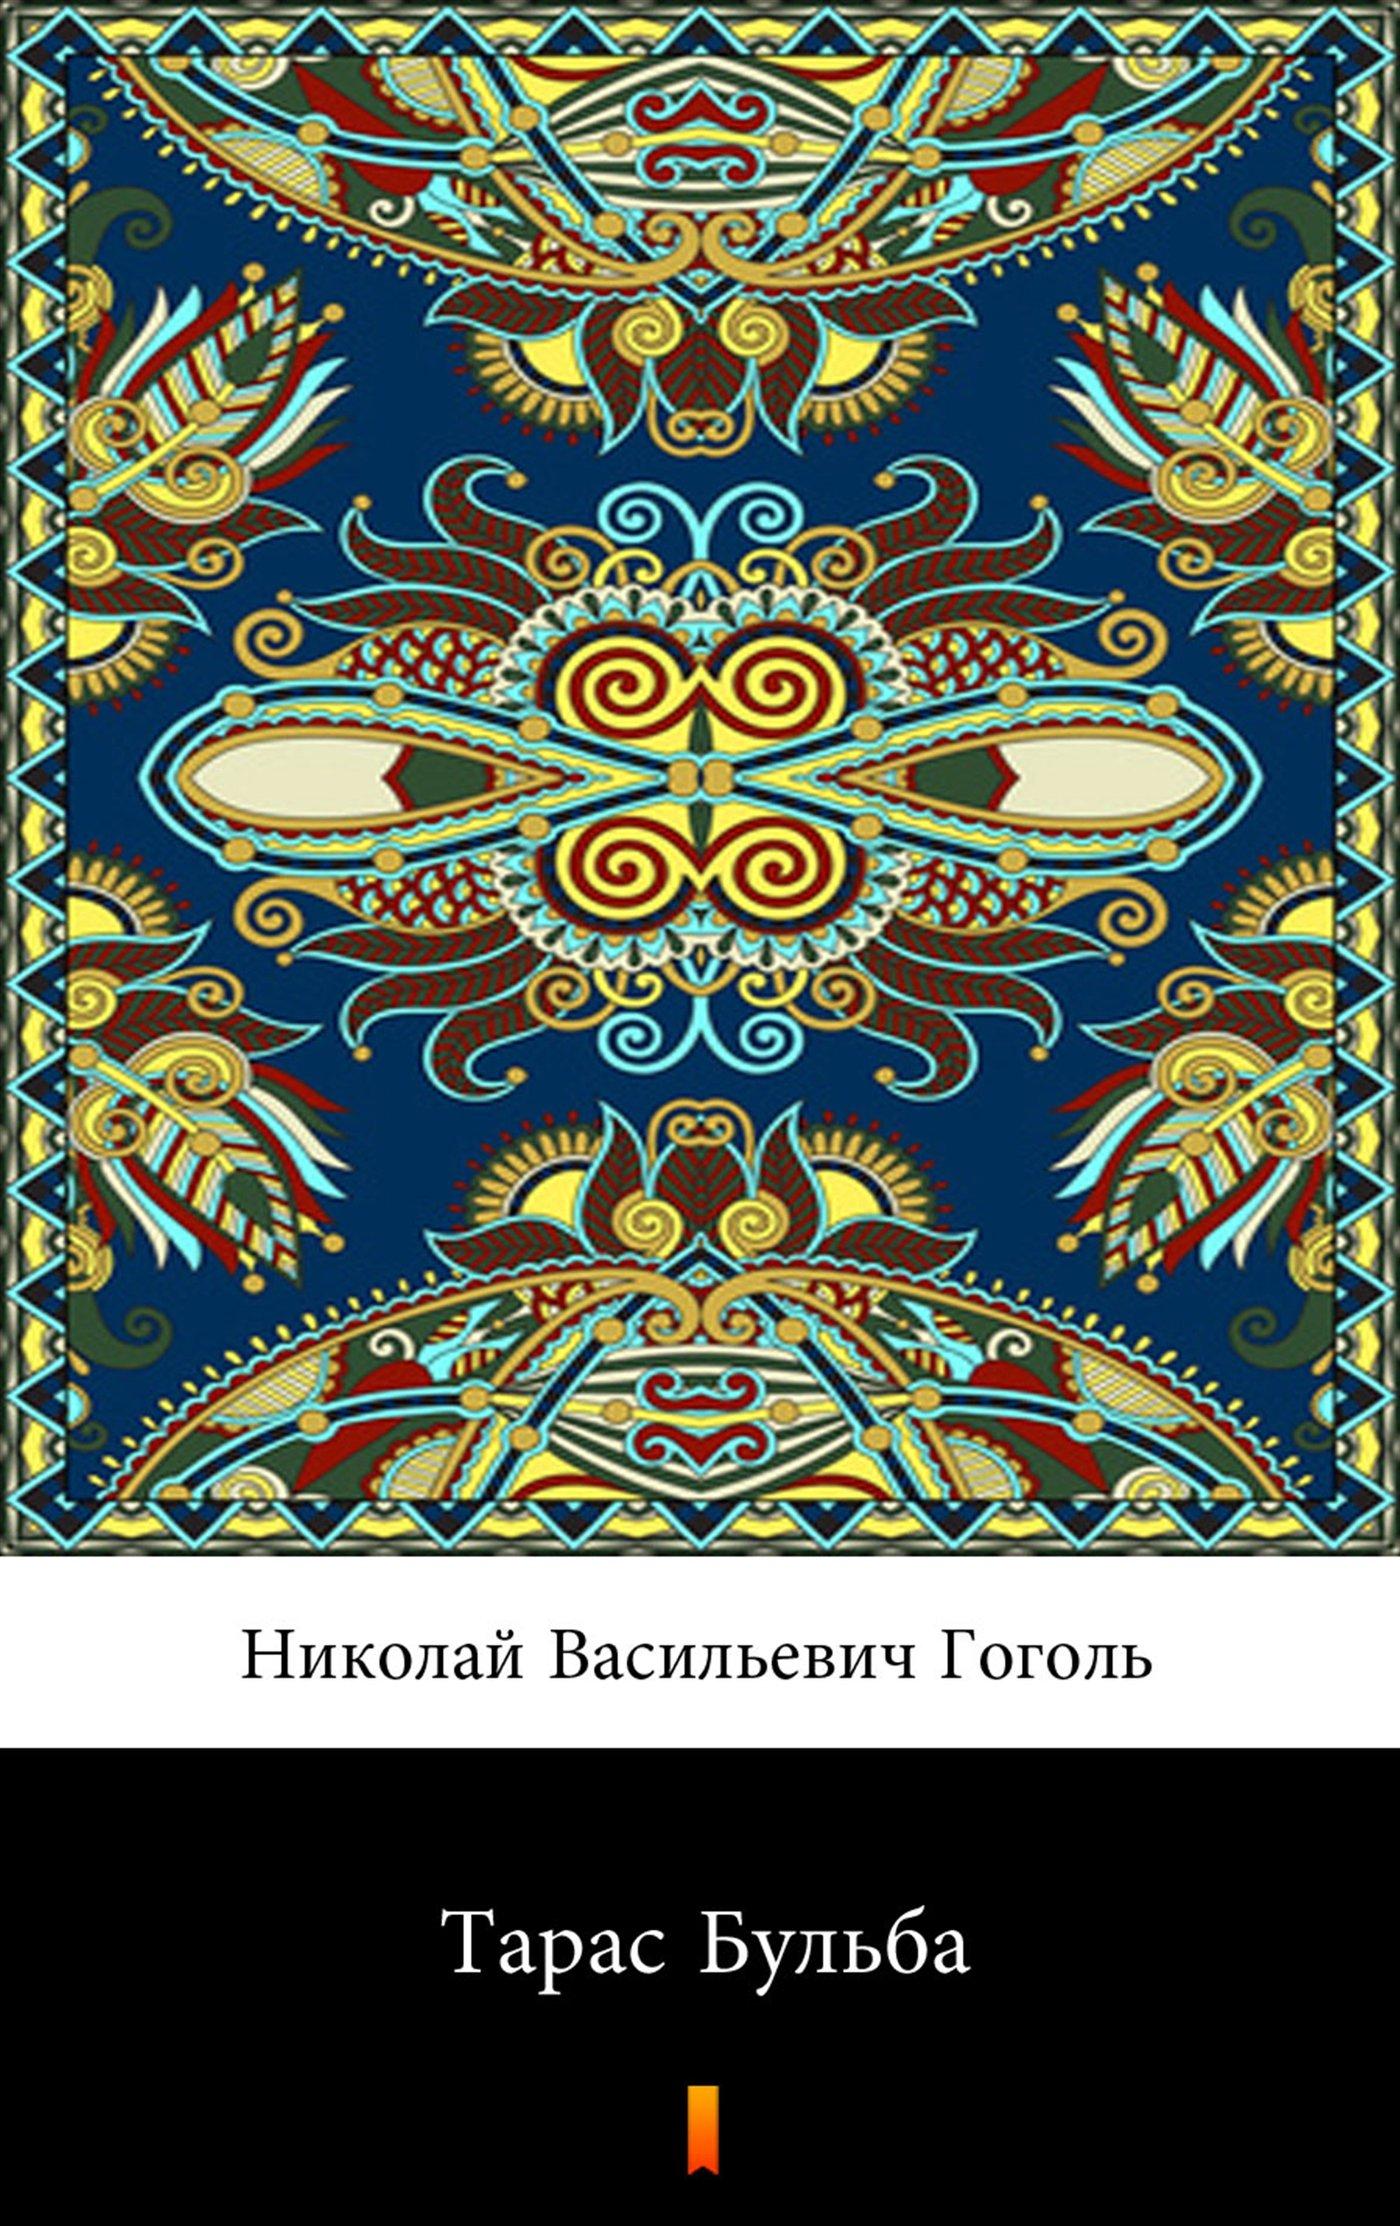 Тарас Бульба - Ebook (Książka na Kindle) do pobrania w formacie MOBI